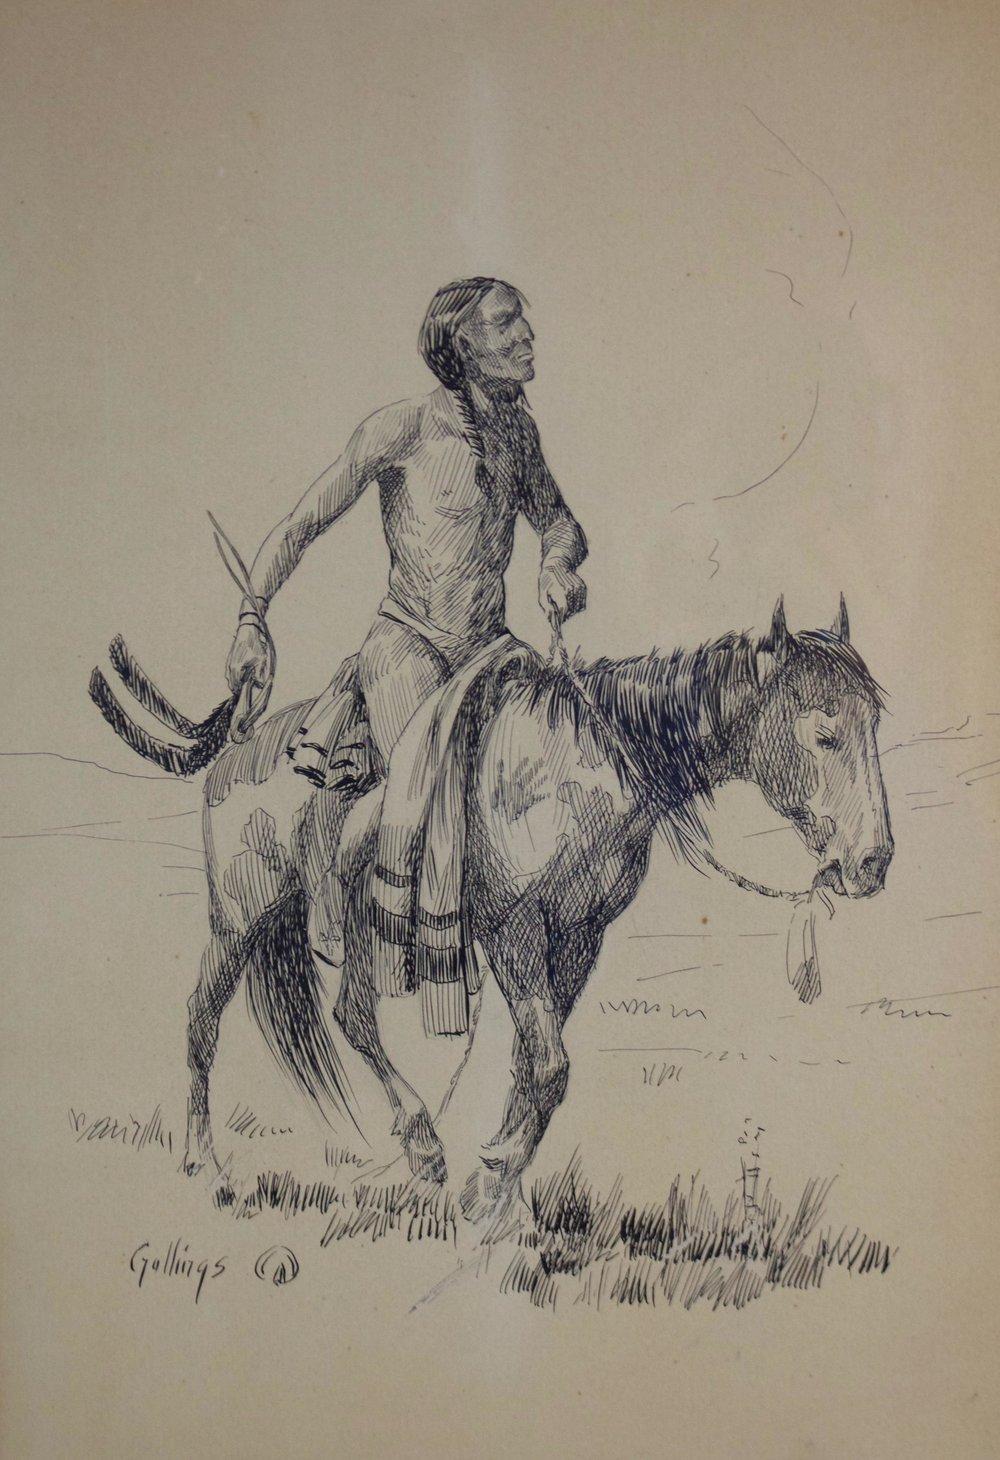 """Elling William Gollings  (1878-1932)   Indian on Horseback   Pen and Ink  Framed 15"""" x 10.5""""  CTN0003"""